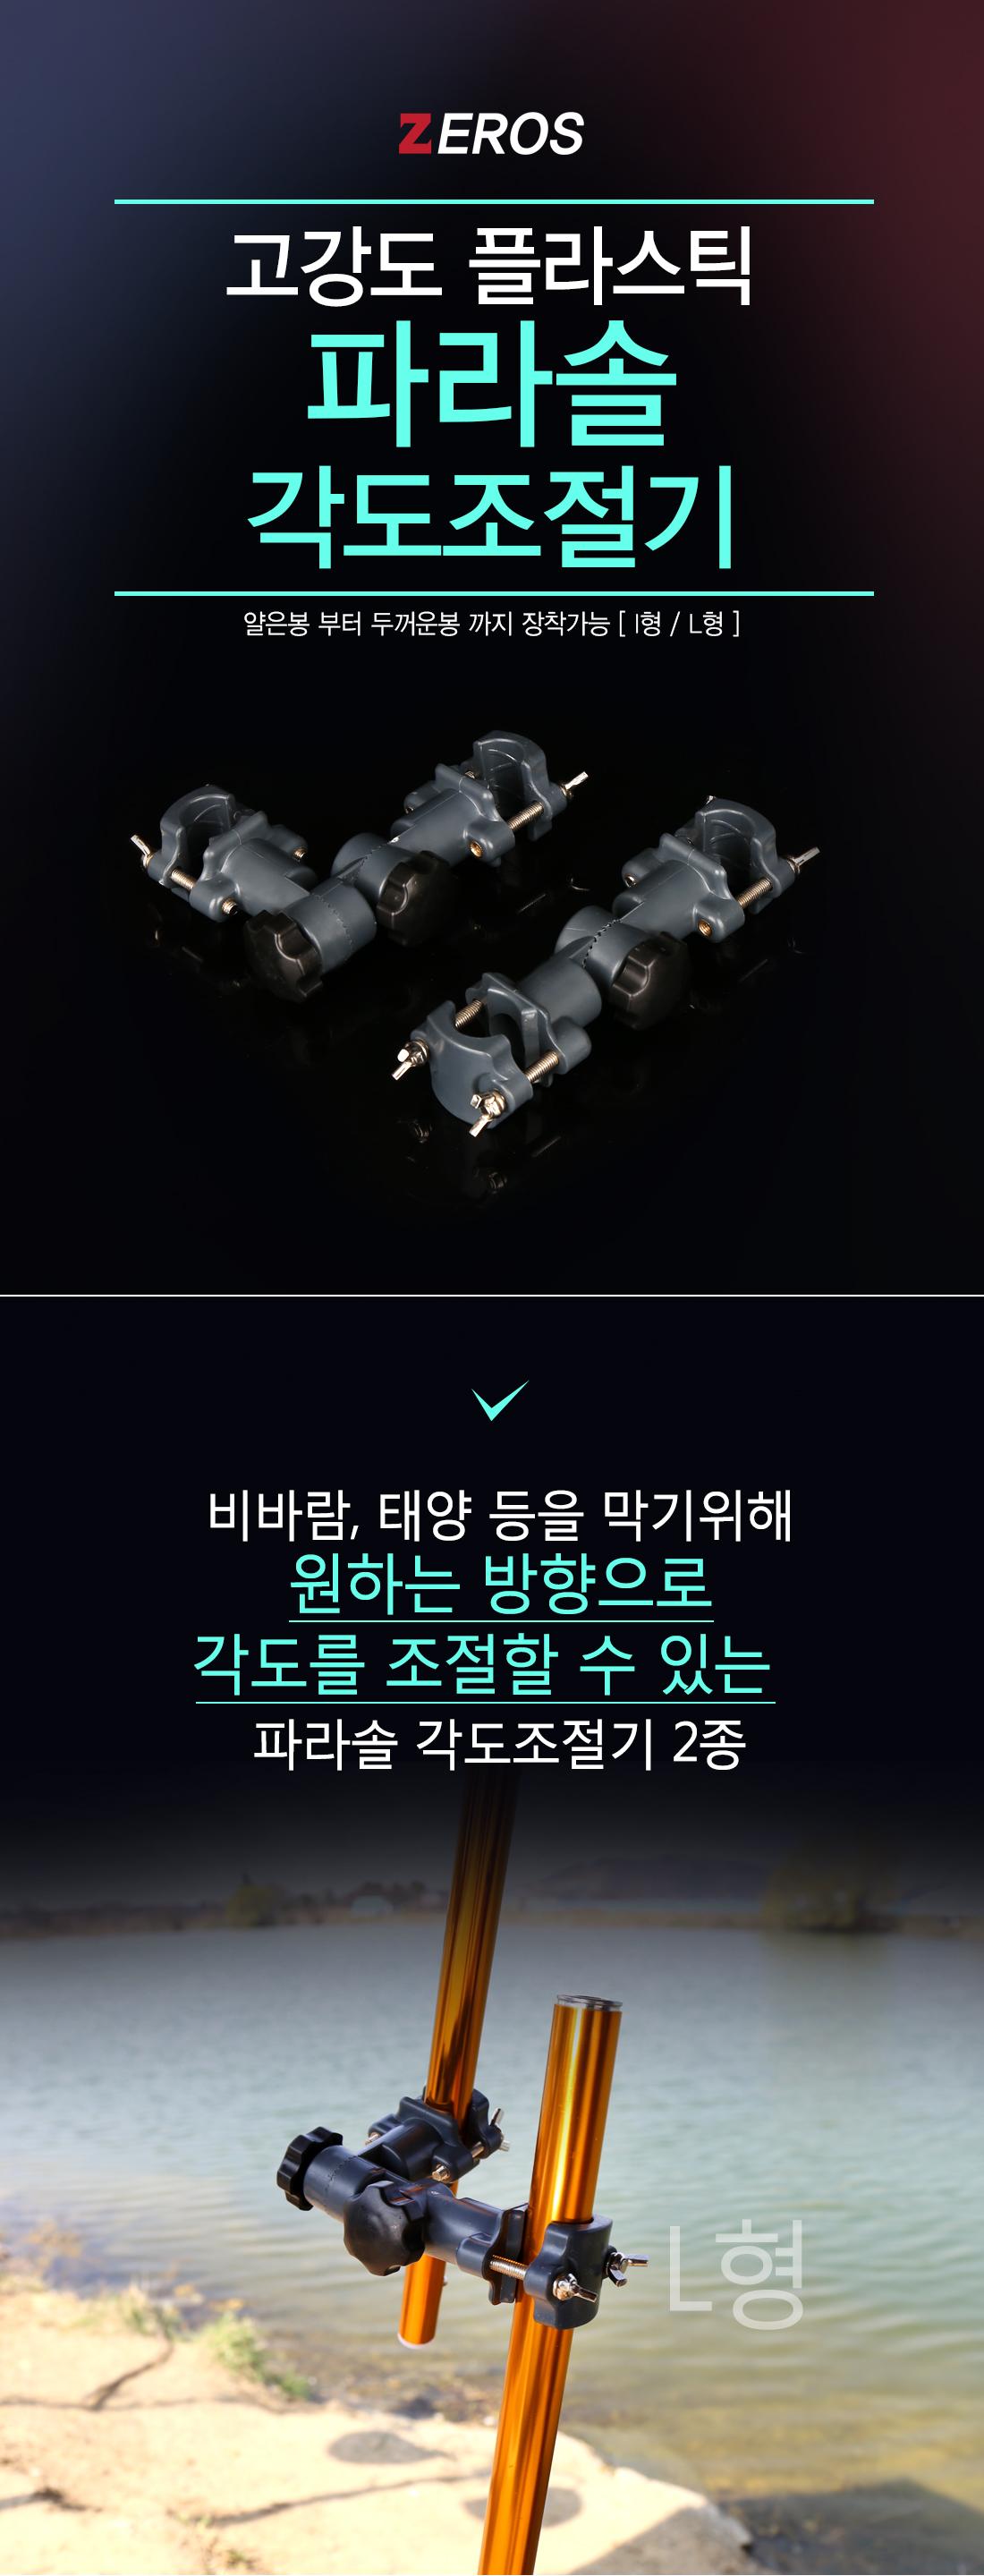 KLF 고강도 플라스틱 파라솔 각도조절기  각도조절기 파라솔 클램프 파라솔용품 파라솔부품